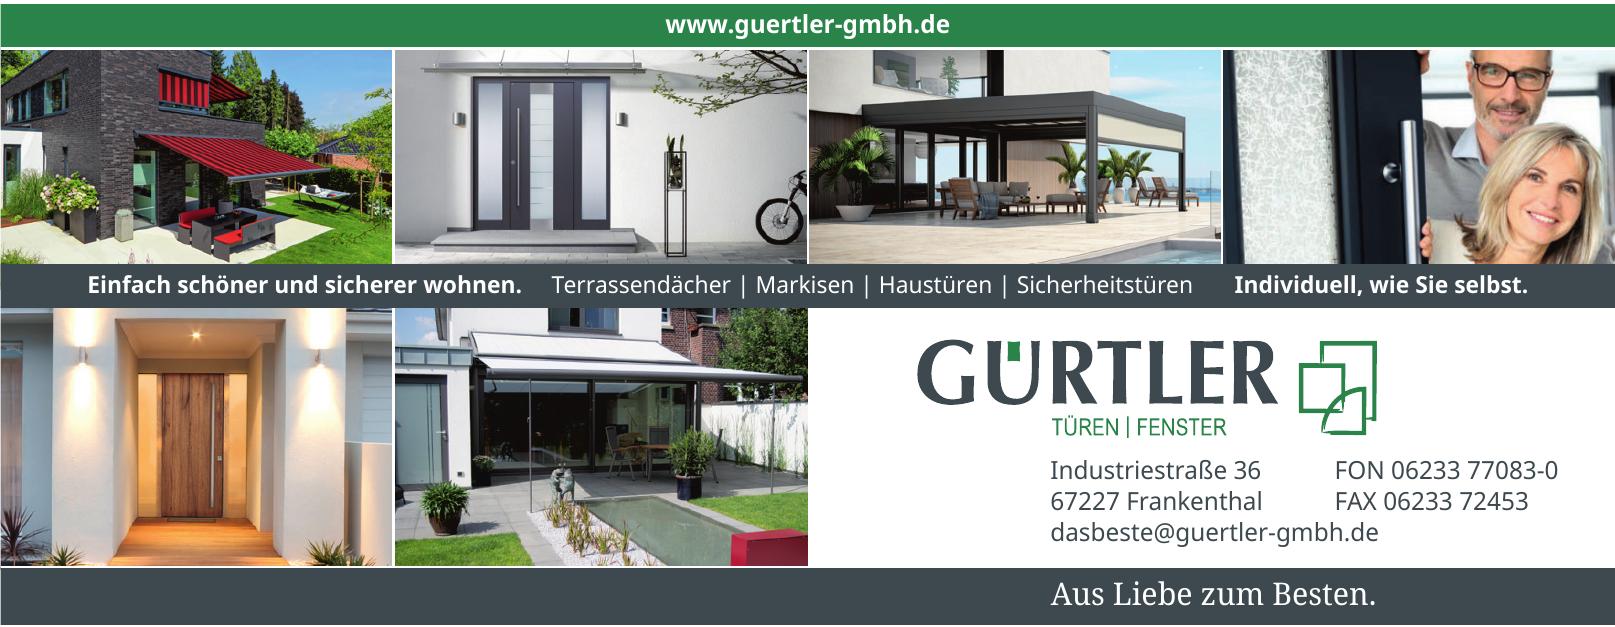 GÜRTLER Türen/Fenster GmbH